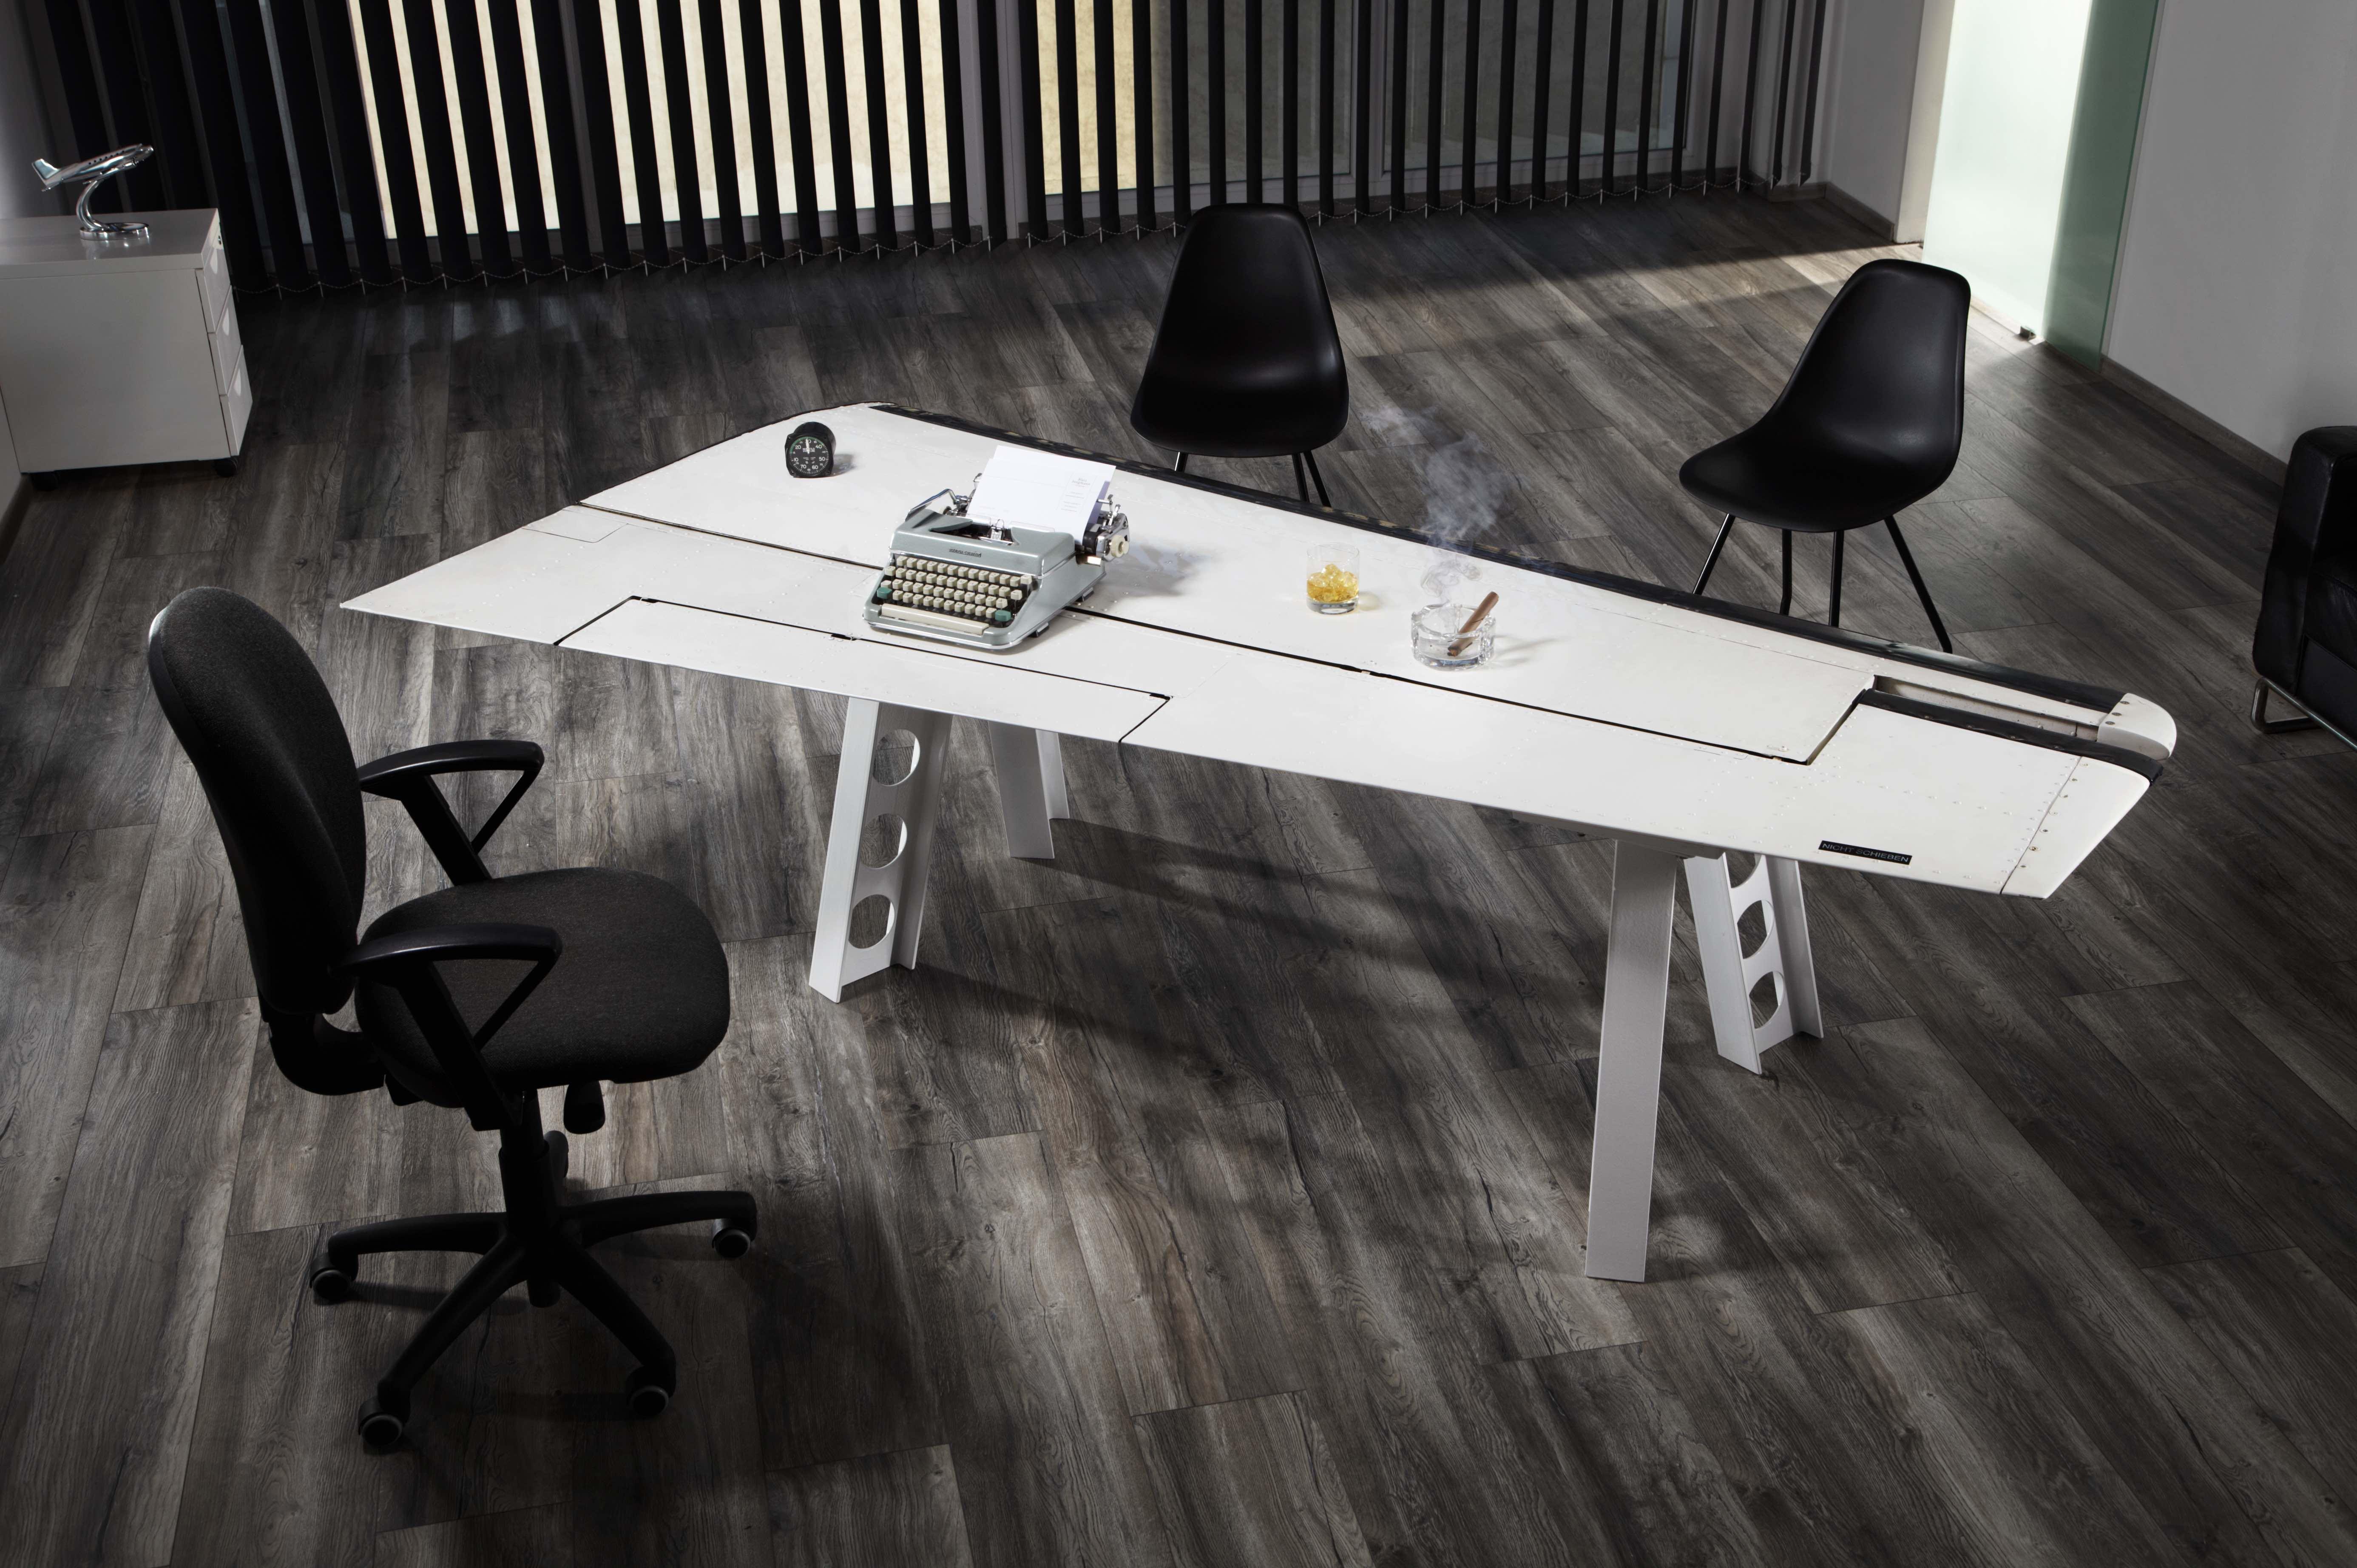 Schreibtisch_Quer-c